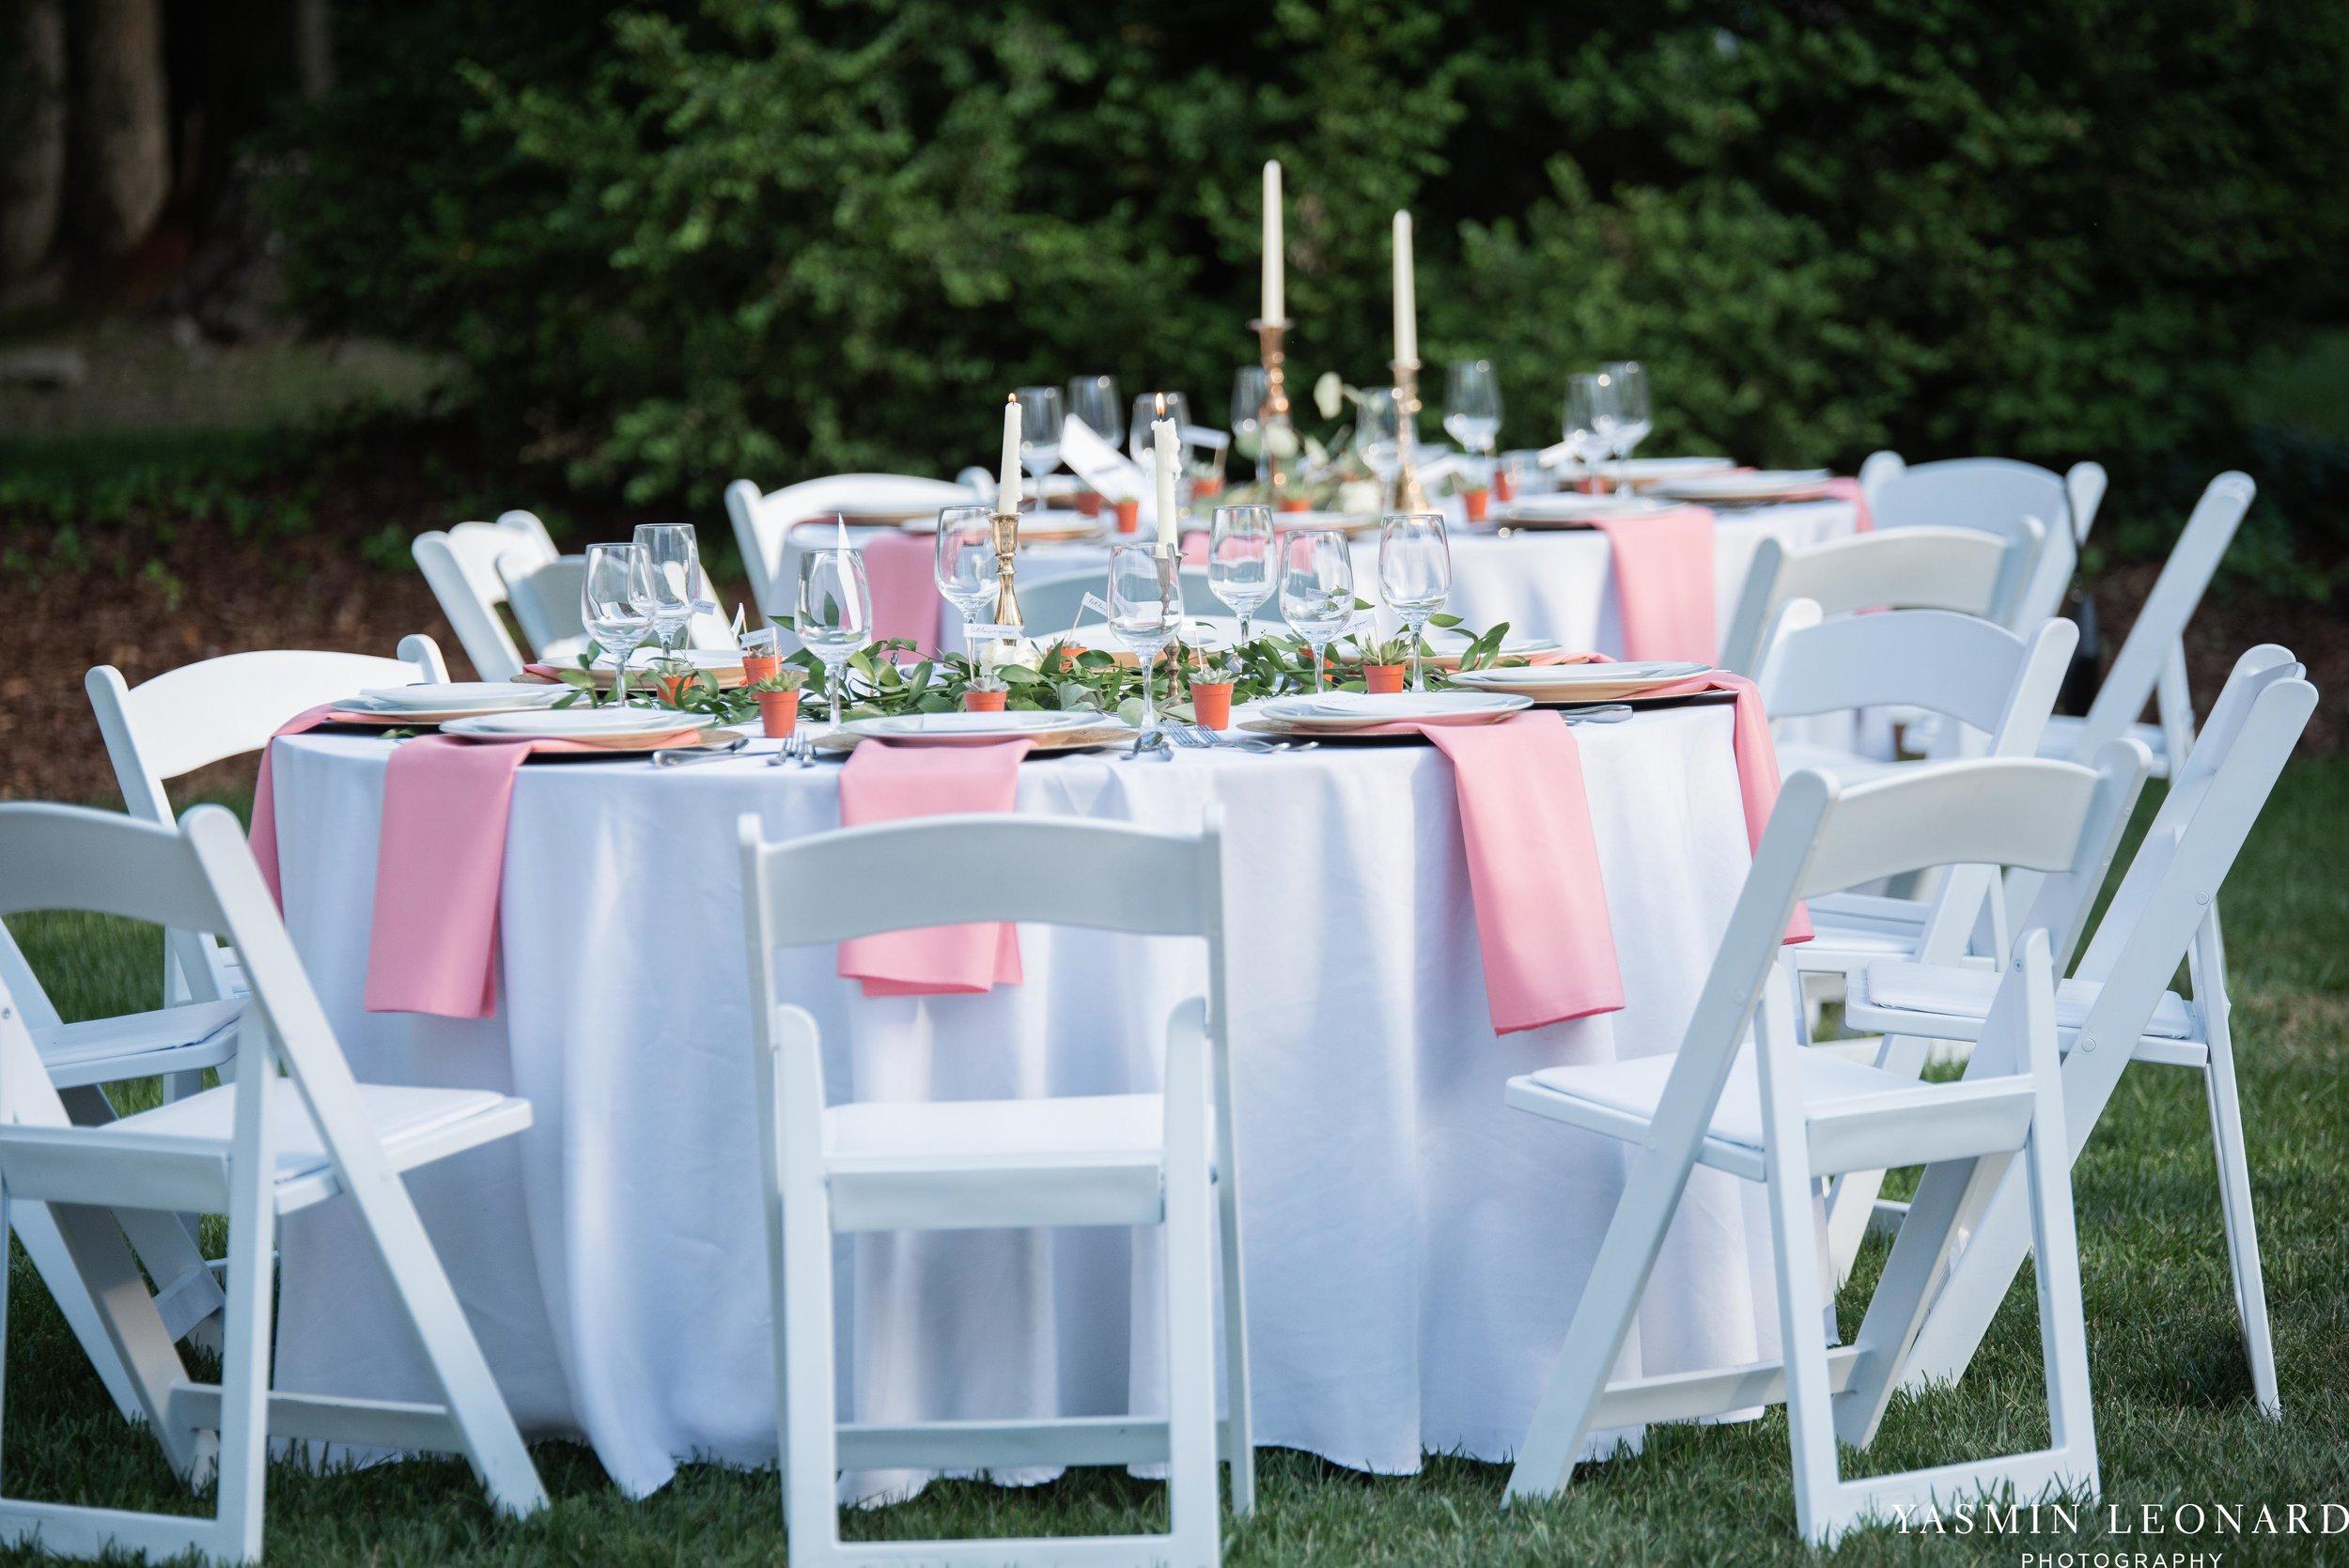 Boxwood Estate - Boxwood Estate Wedding - Luxury Wedding - Black and White Wedding - NC Wedding Venues - NC Weddings - NC Photographer - Lantern Release Grand Exit - Large Wedding Party - Yasmin Leonard Photography-51.jpg